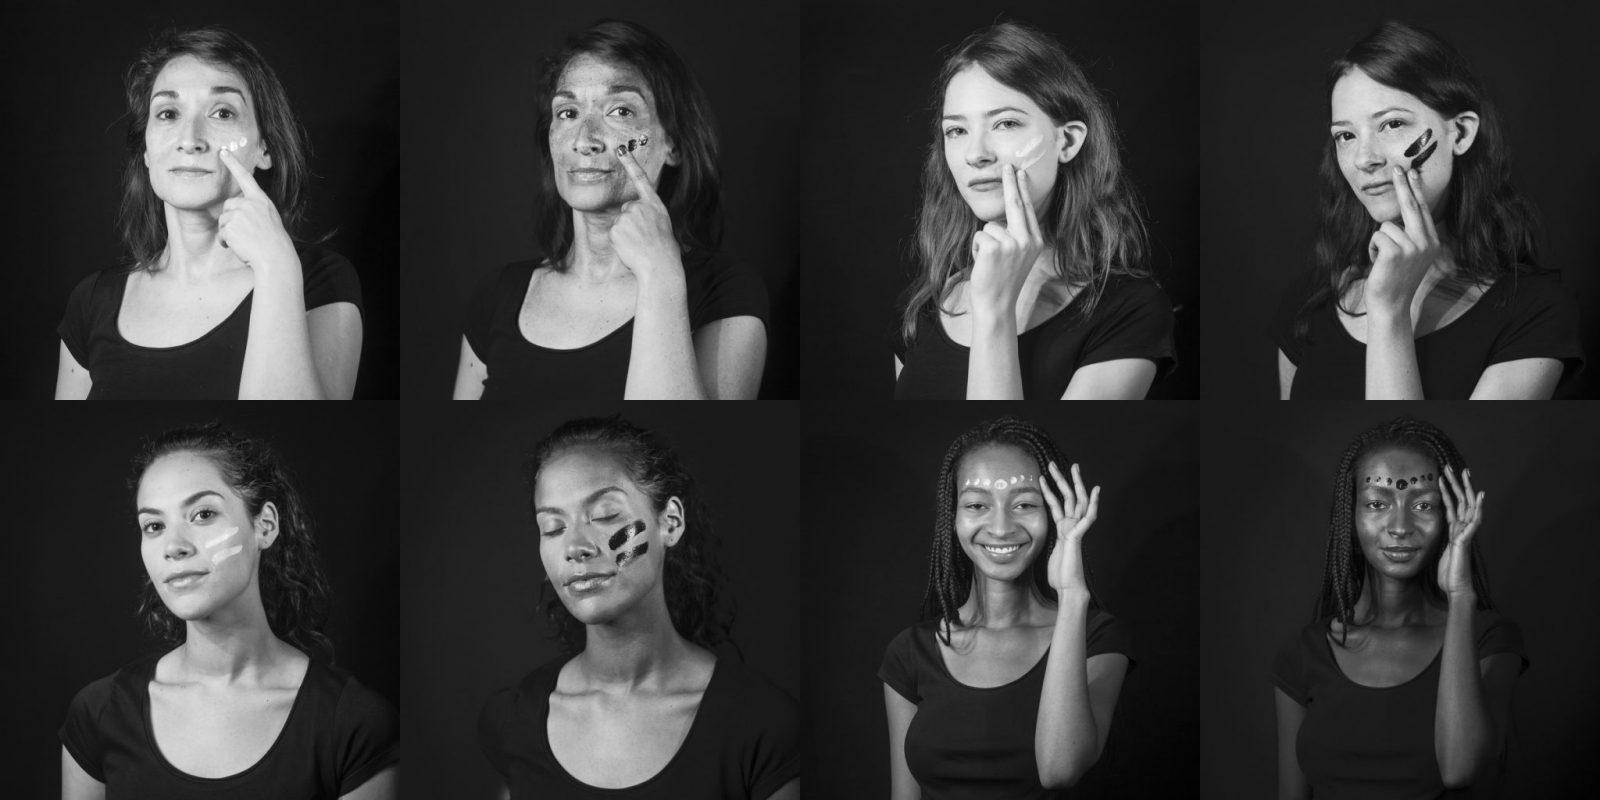 Photographe en cosmétique, patchwork de portraits extraits d'une vidéo en ultraviolet pour promouvoir une marque de protection solaire.